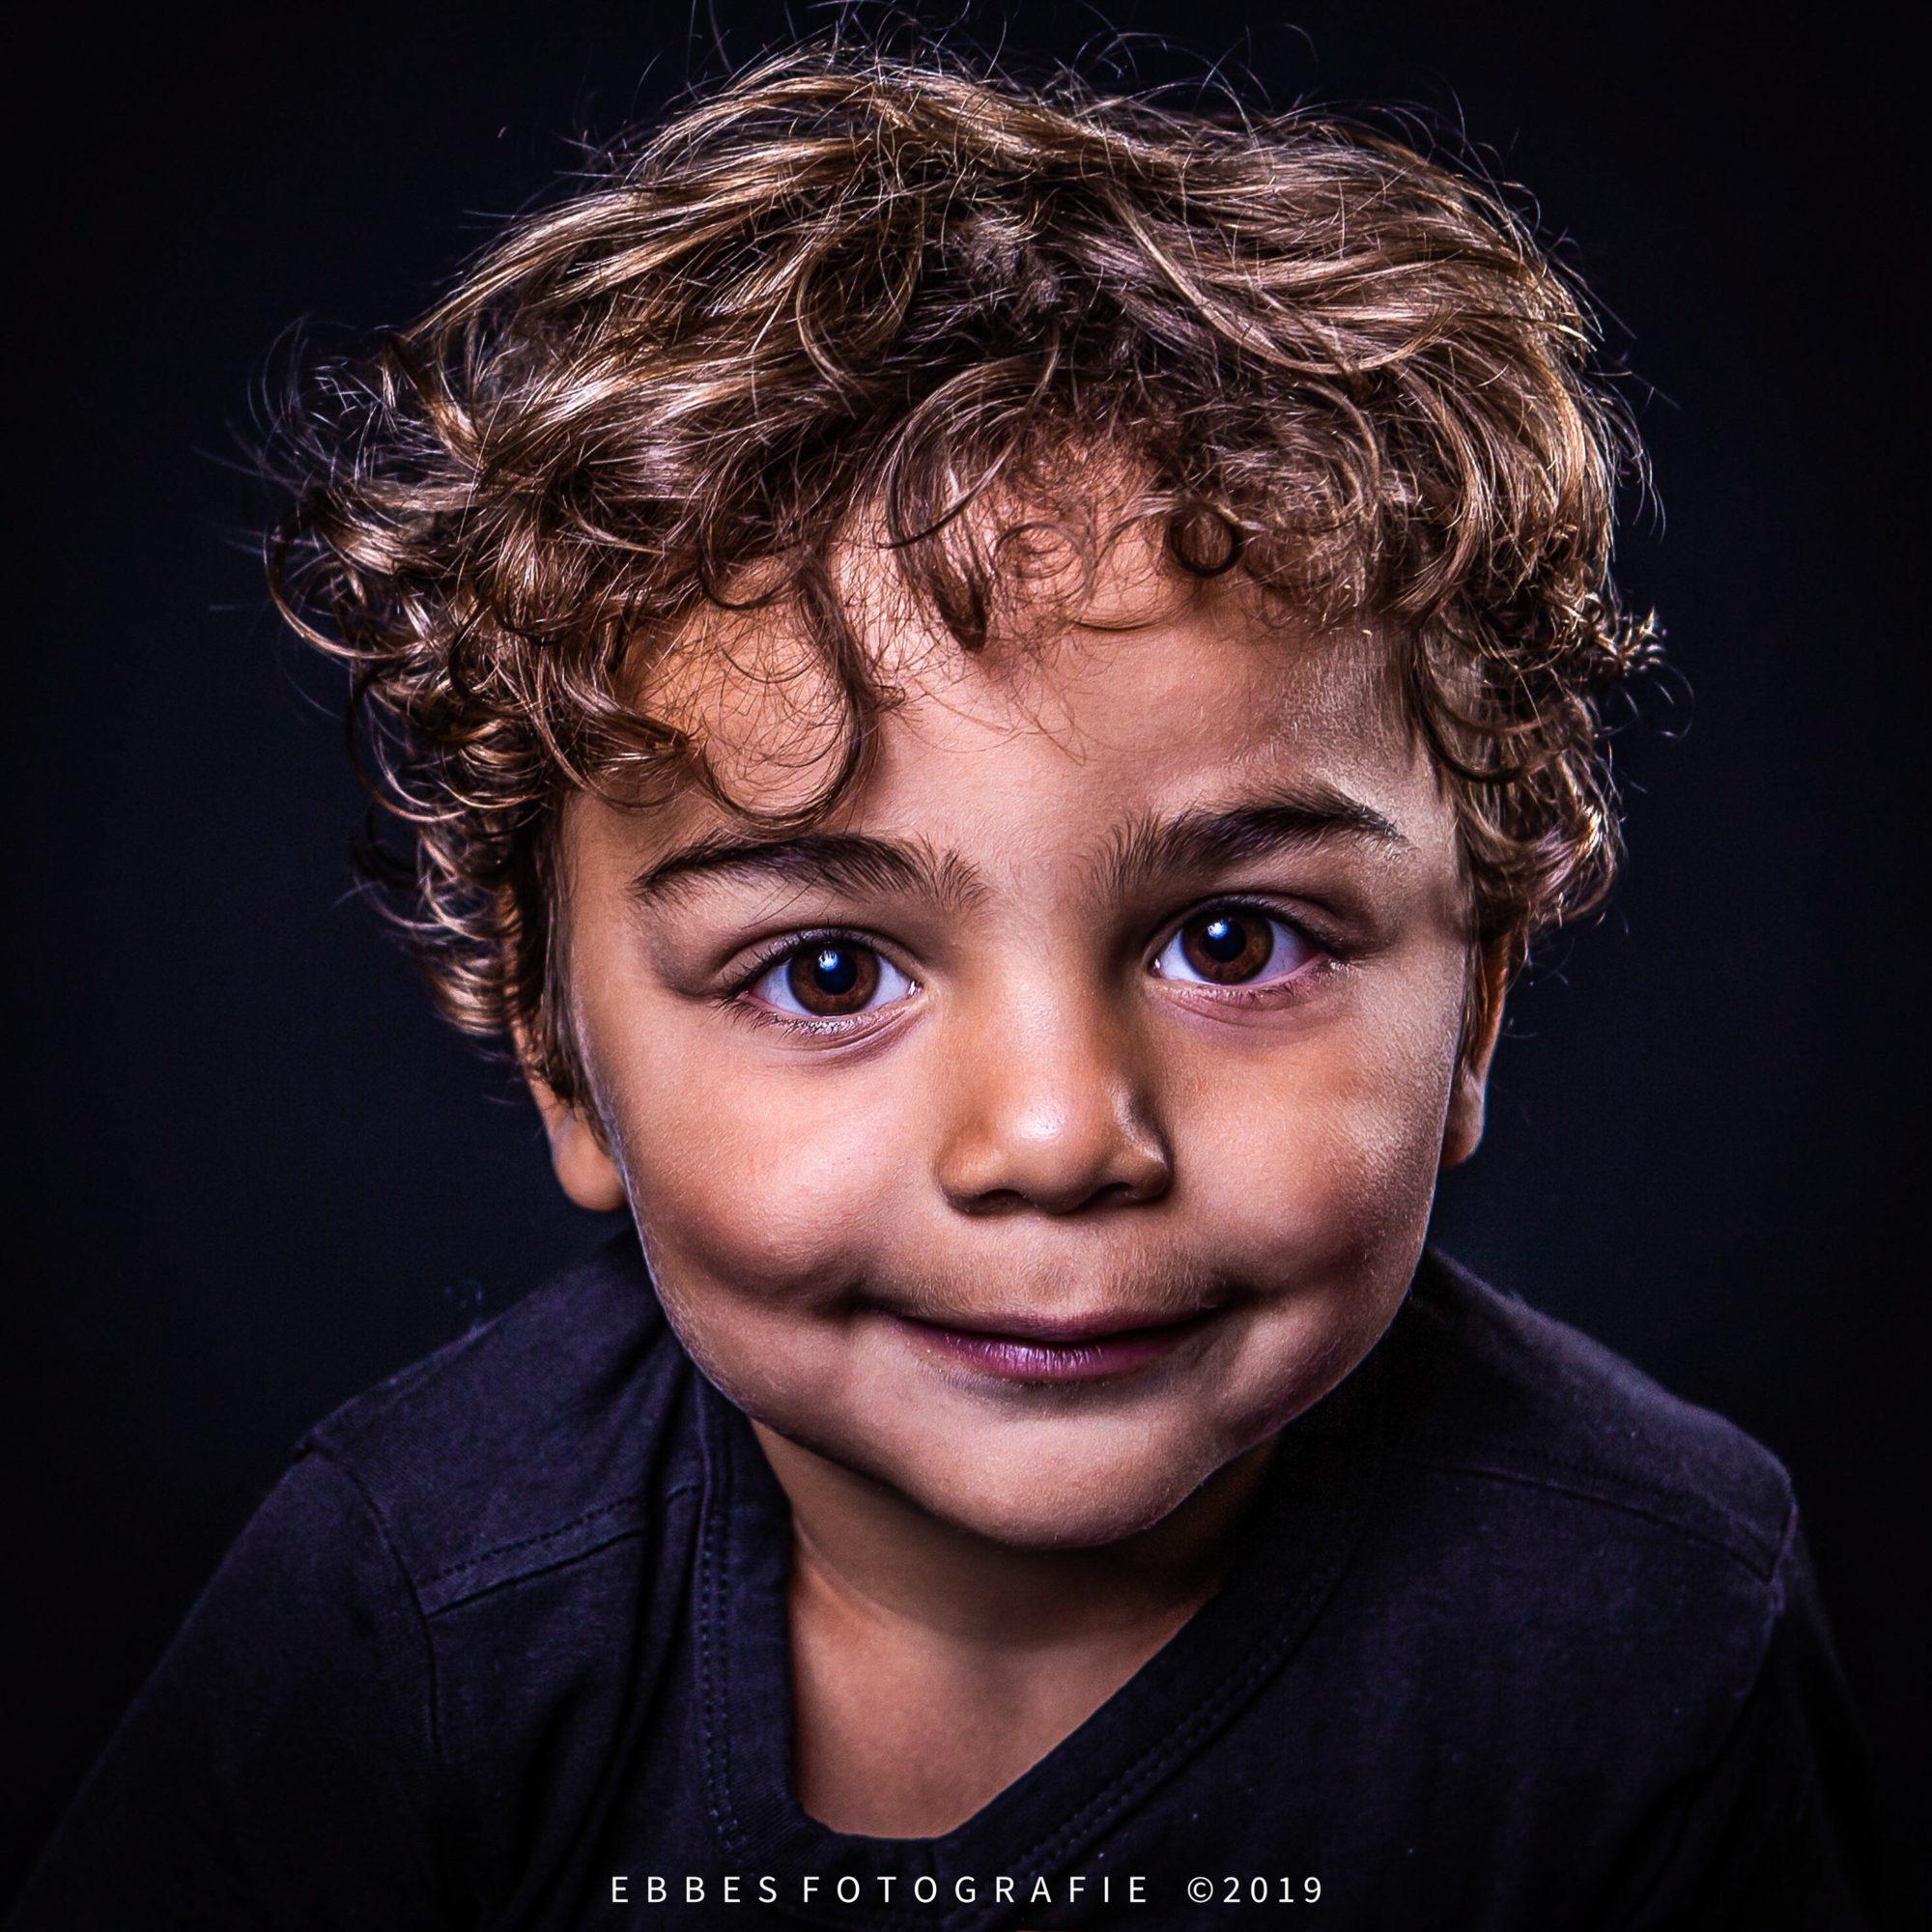 Kinderportret, kinderfotografie, portretfotograaf, fotograaf portret